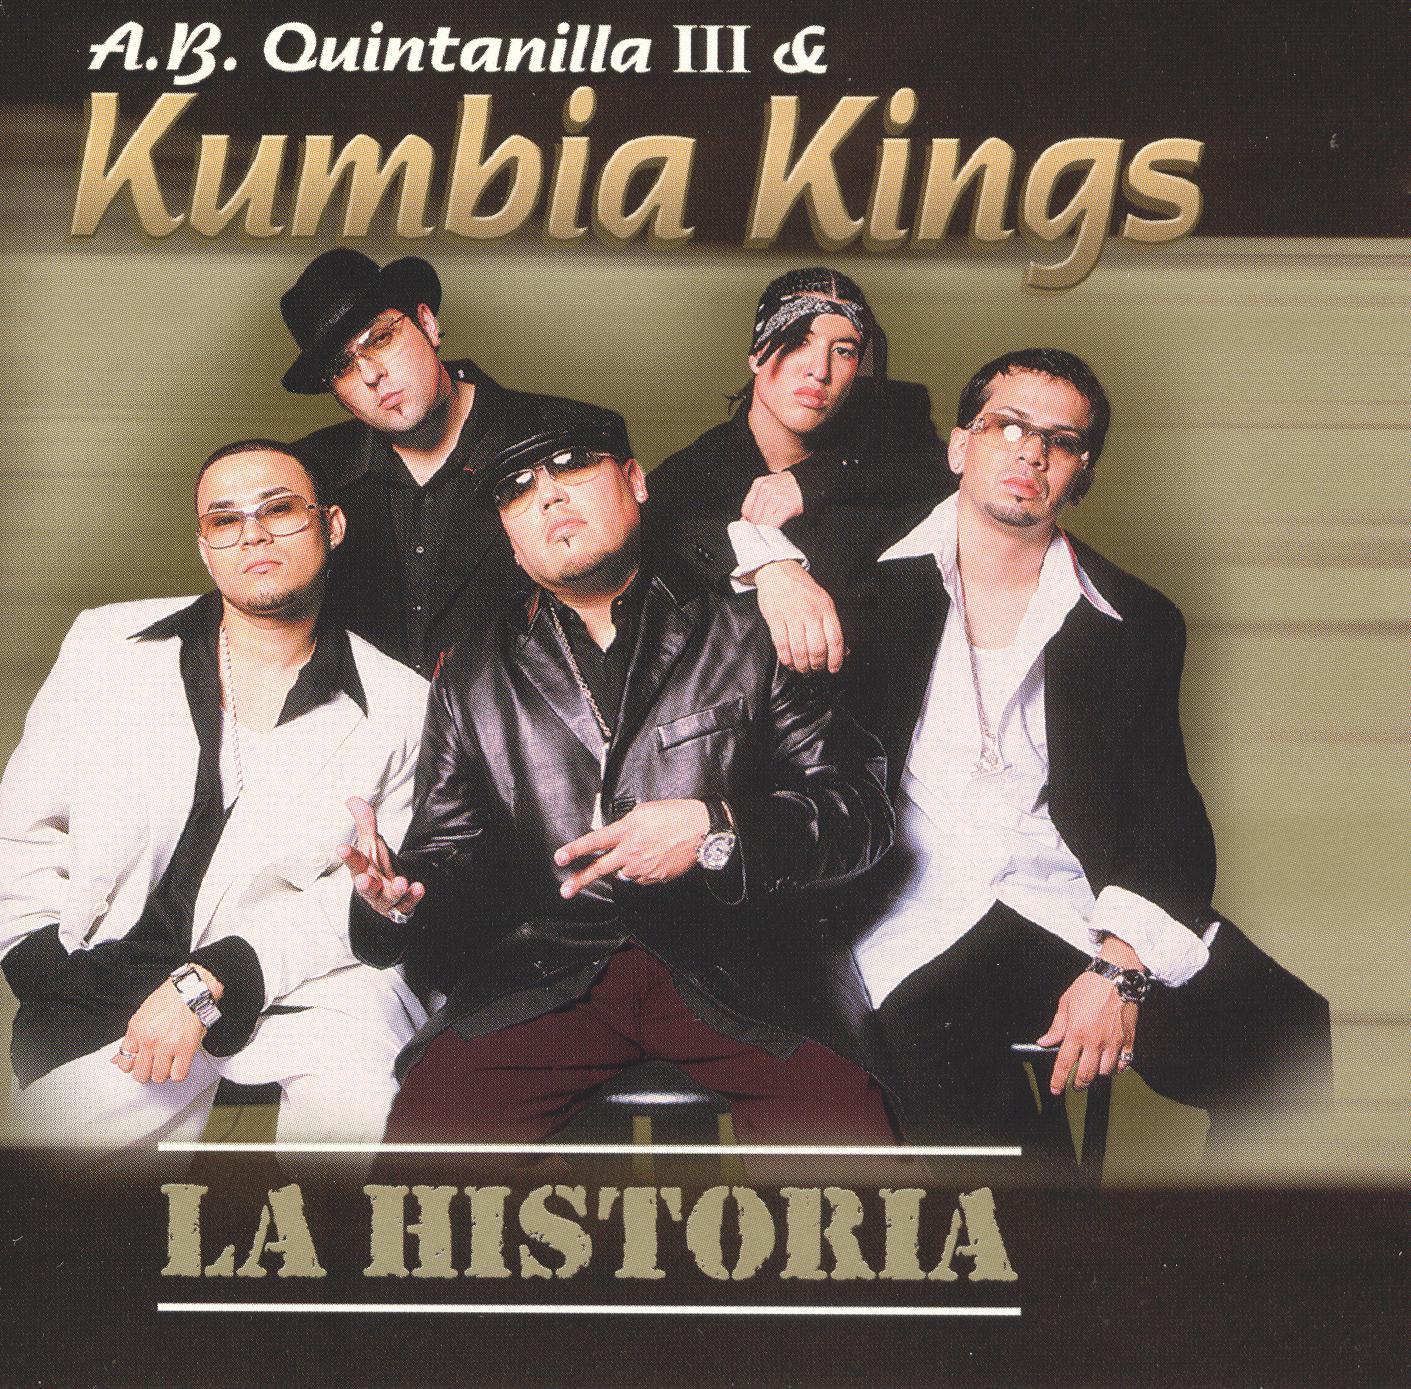 A.B. Quintanilla & Kumbia Kings: La Historia